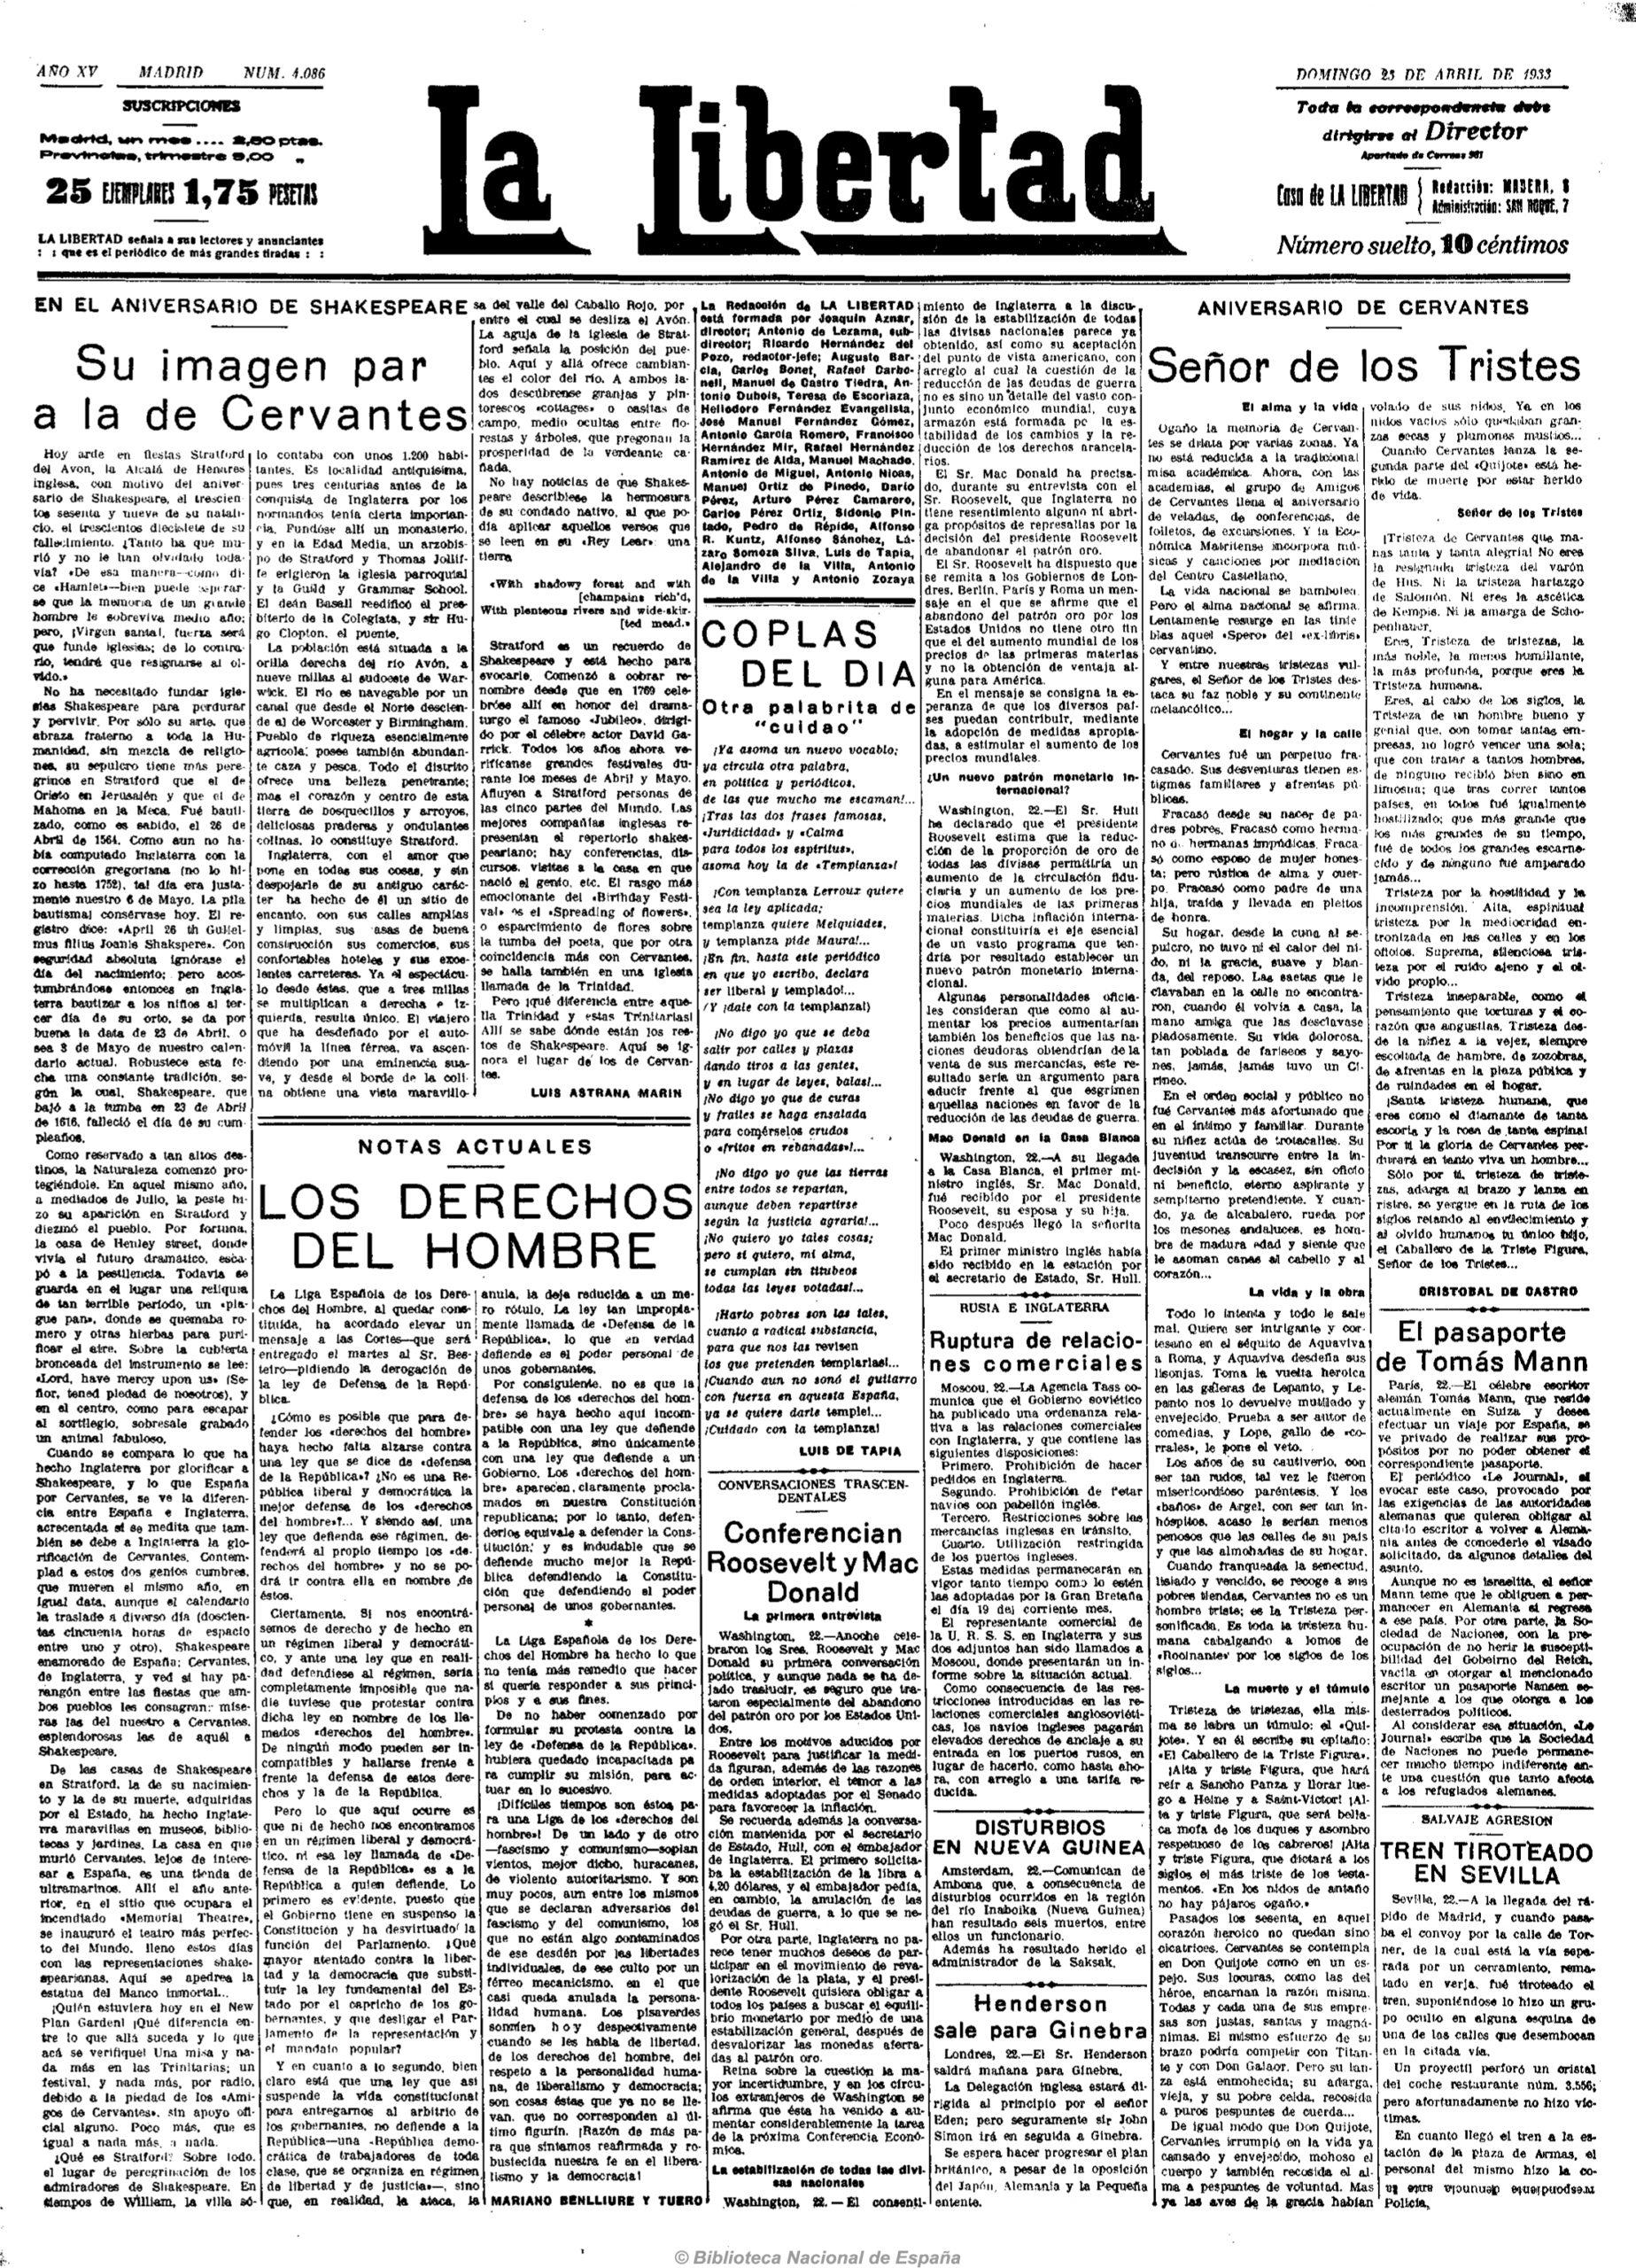 Artículo de Luis Astrana Marín un 23 de abril de 1933